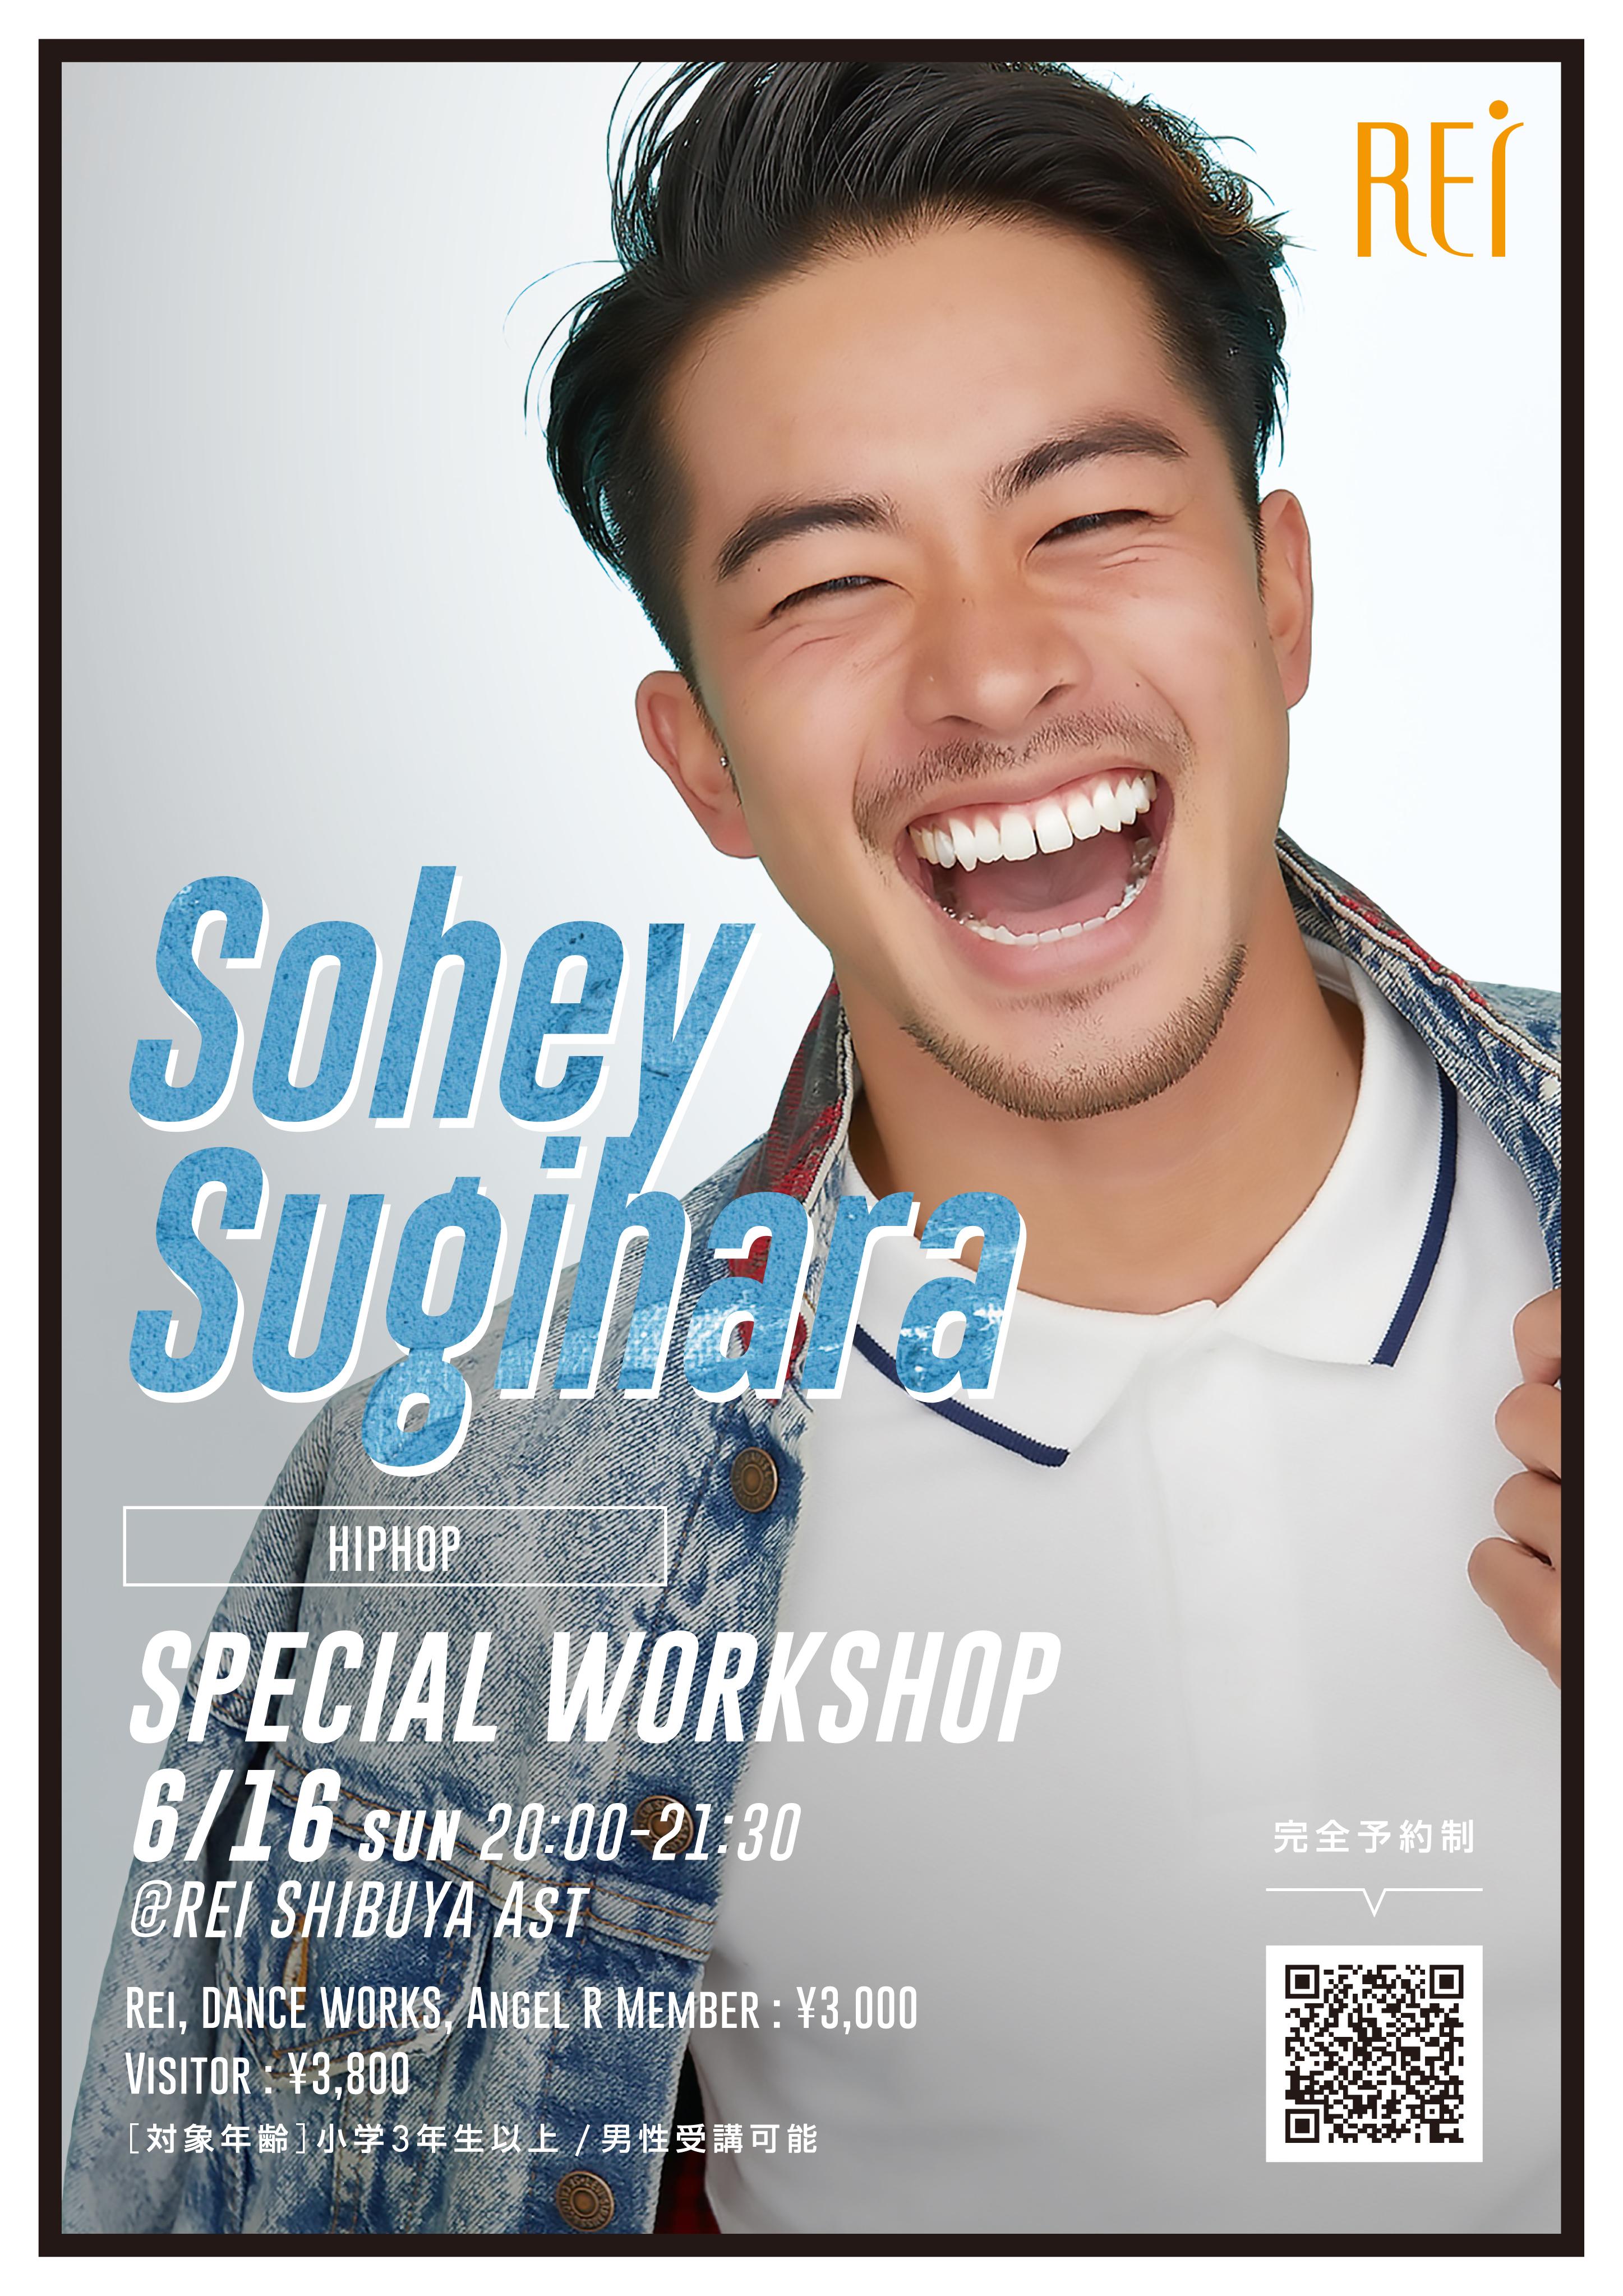 記事「Sohey Sugihara ダンスワークショップ開催決定!!」の画像